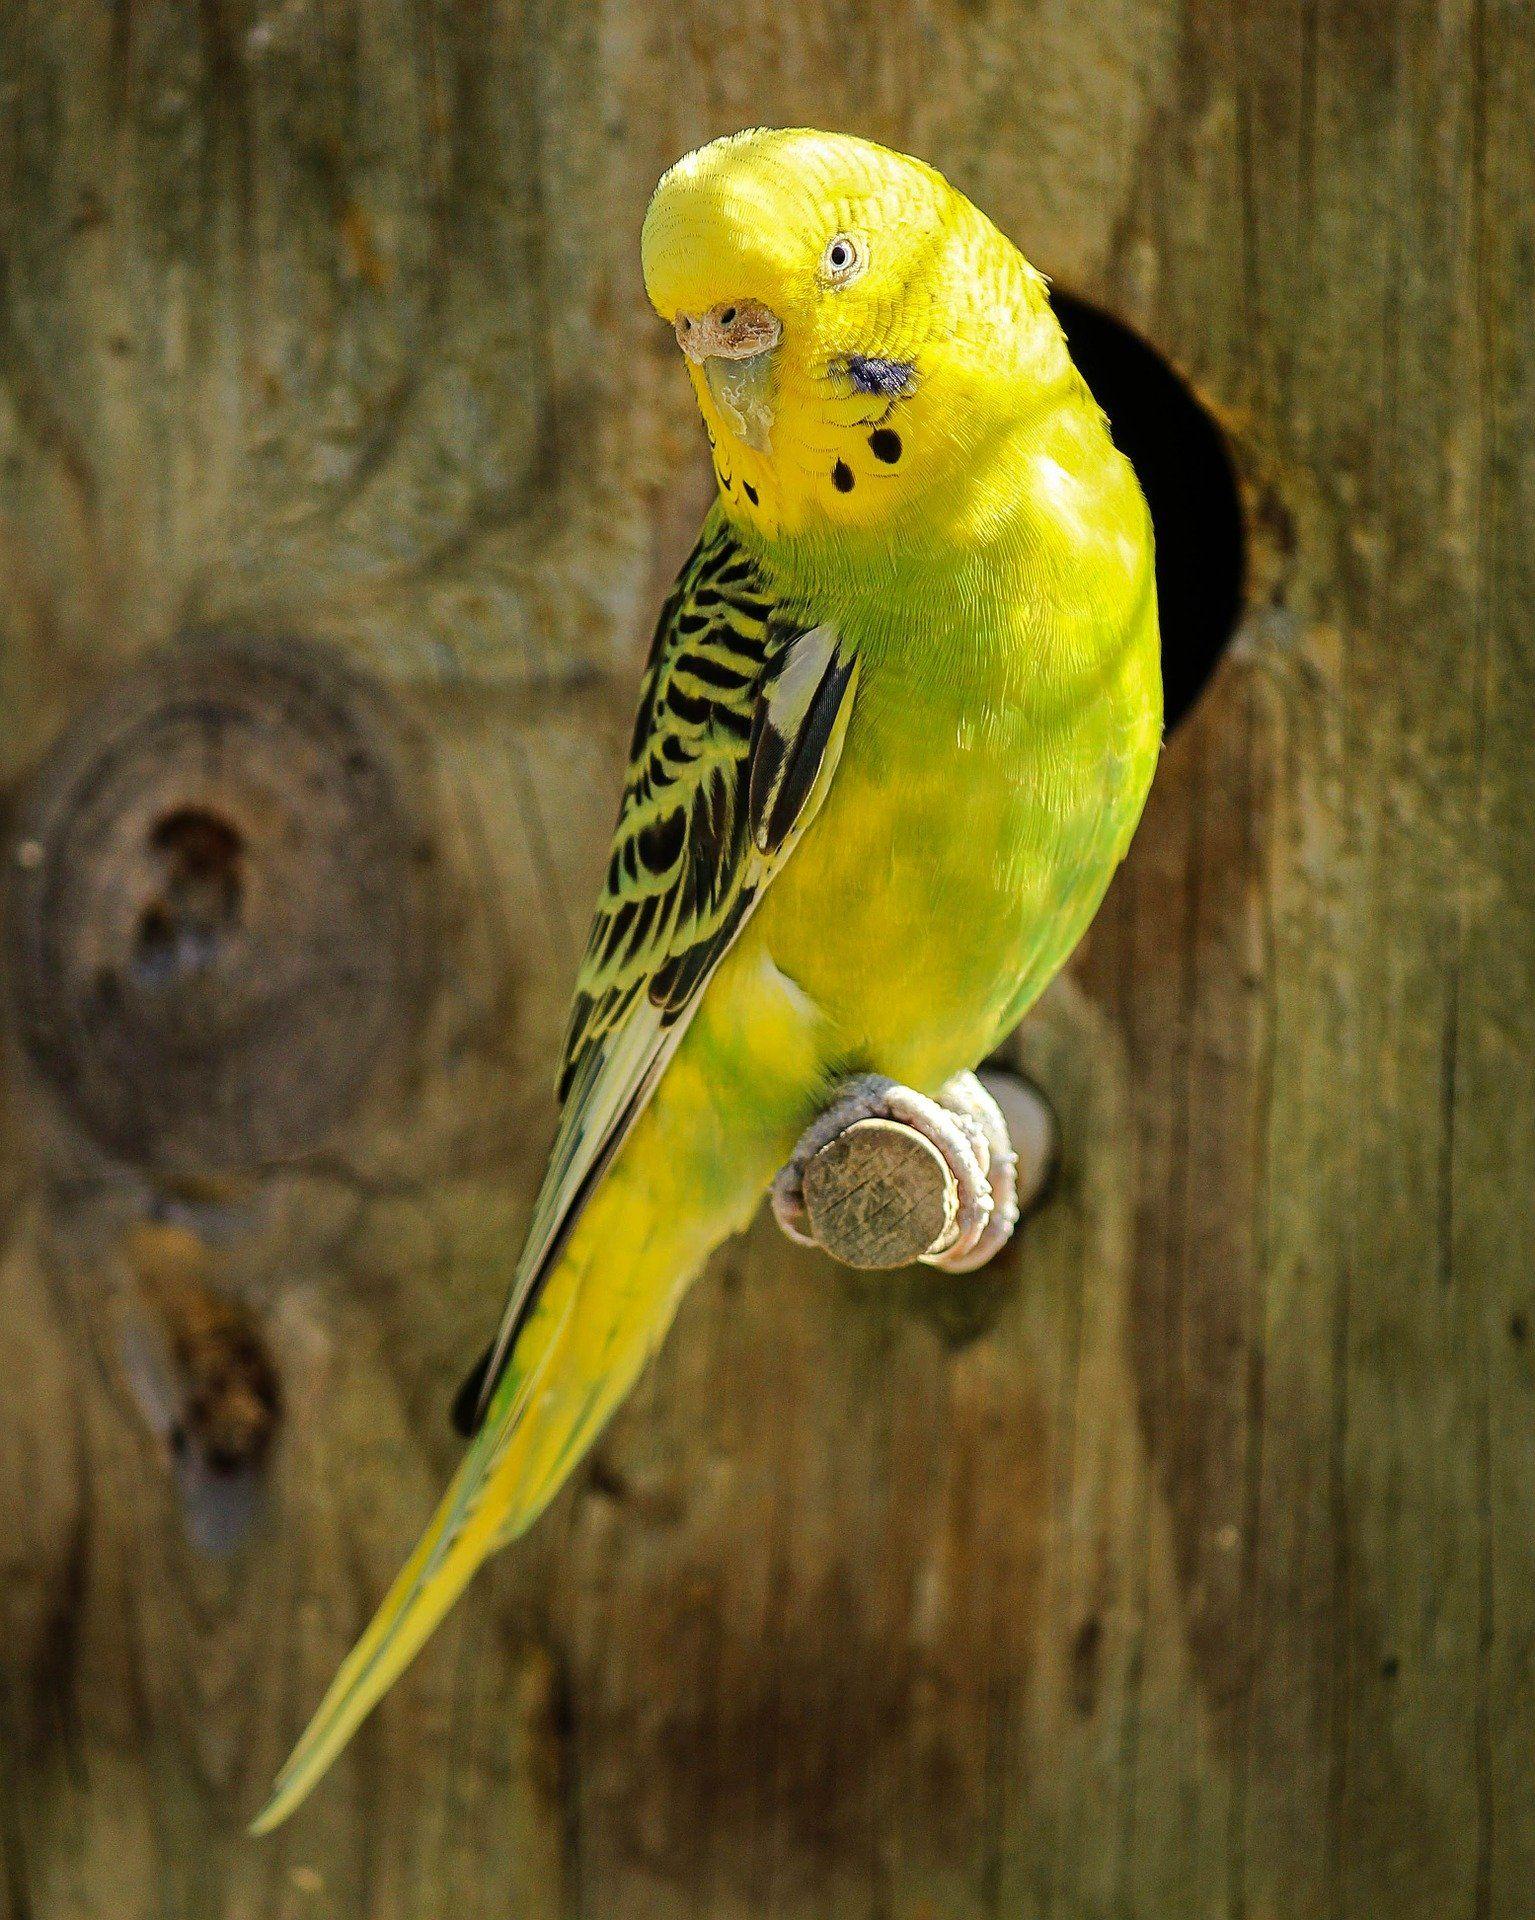 Скачать фото и картинки домашнего попугая в хорошем качестве